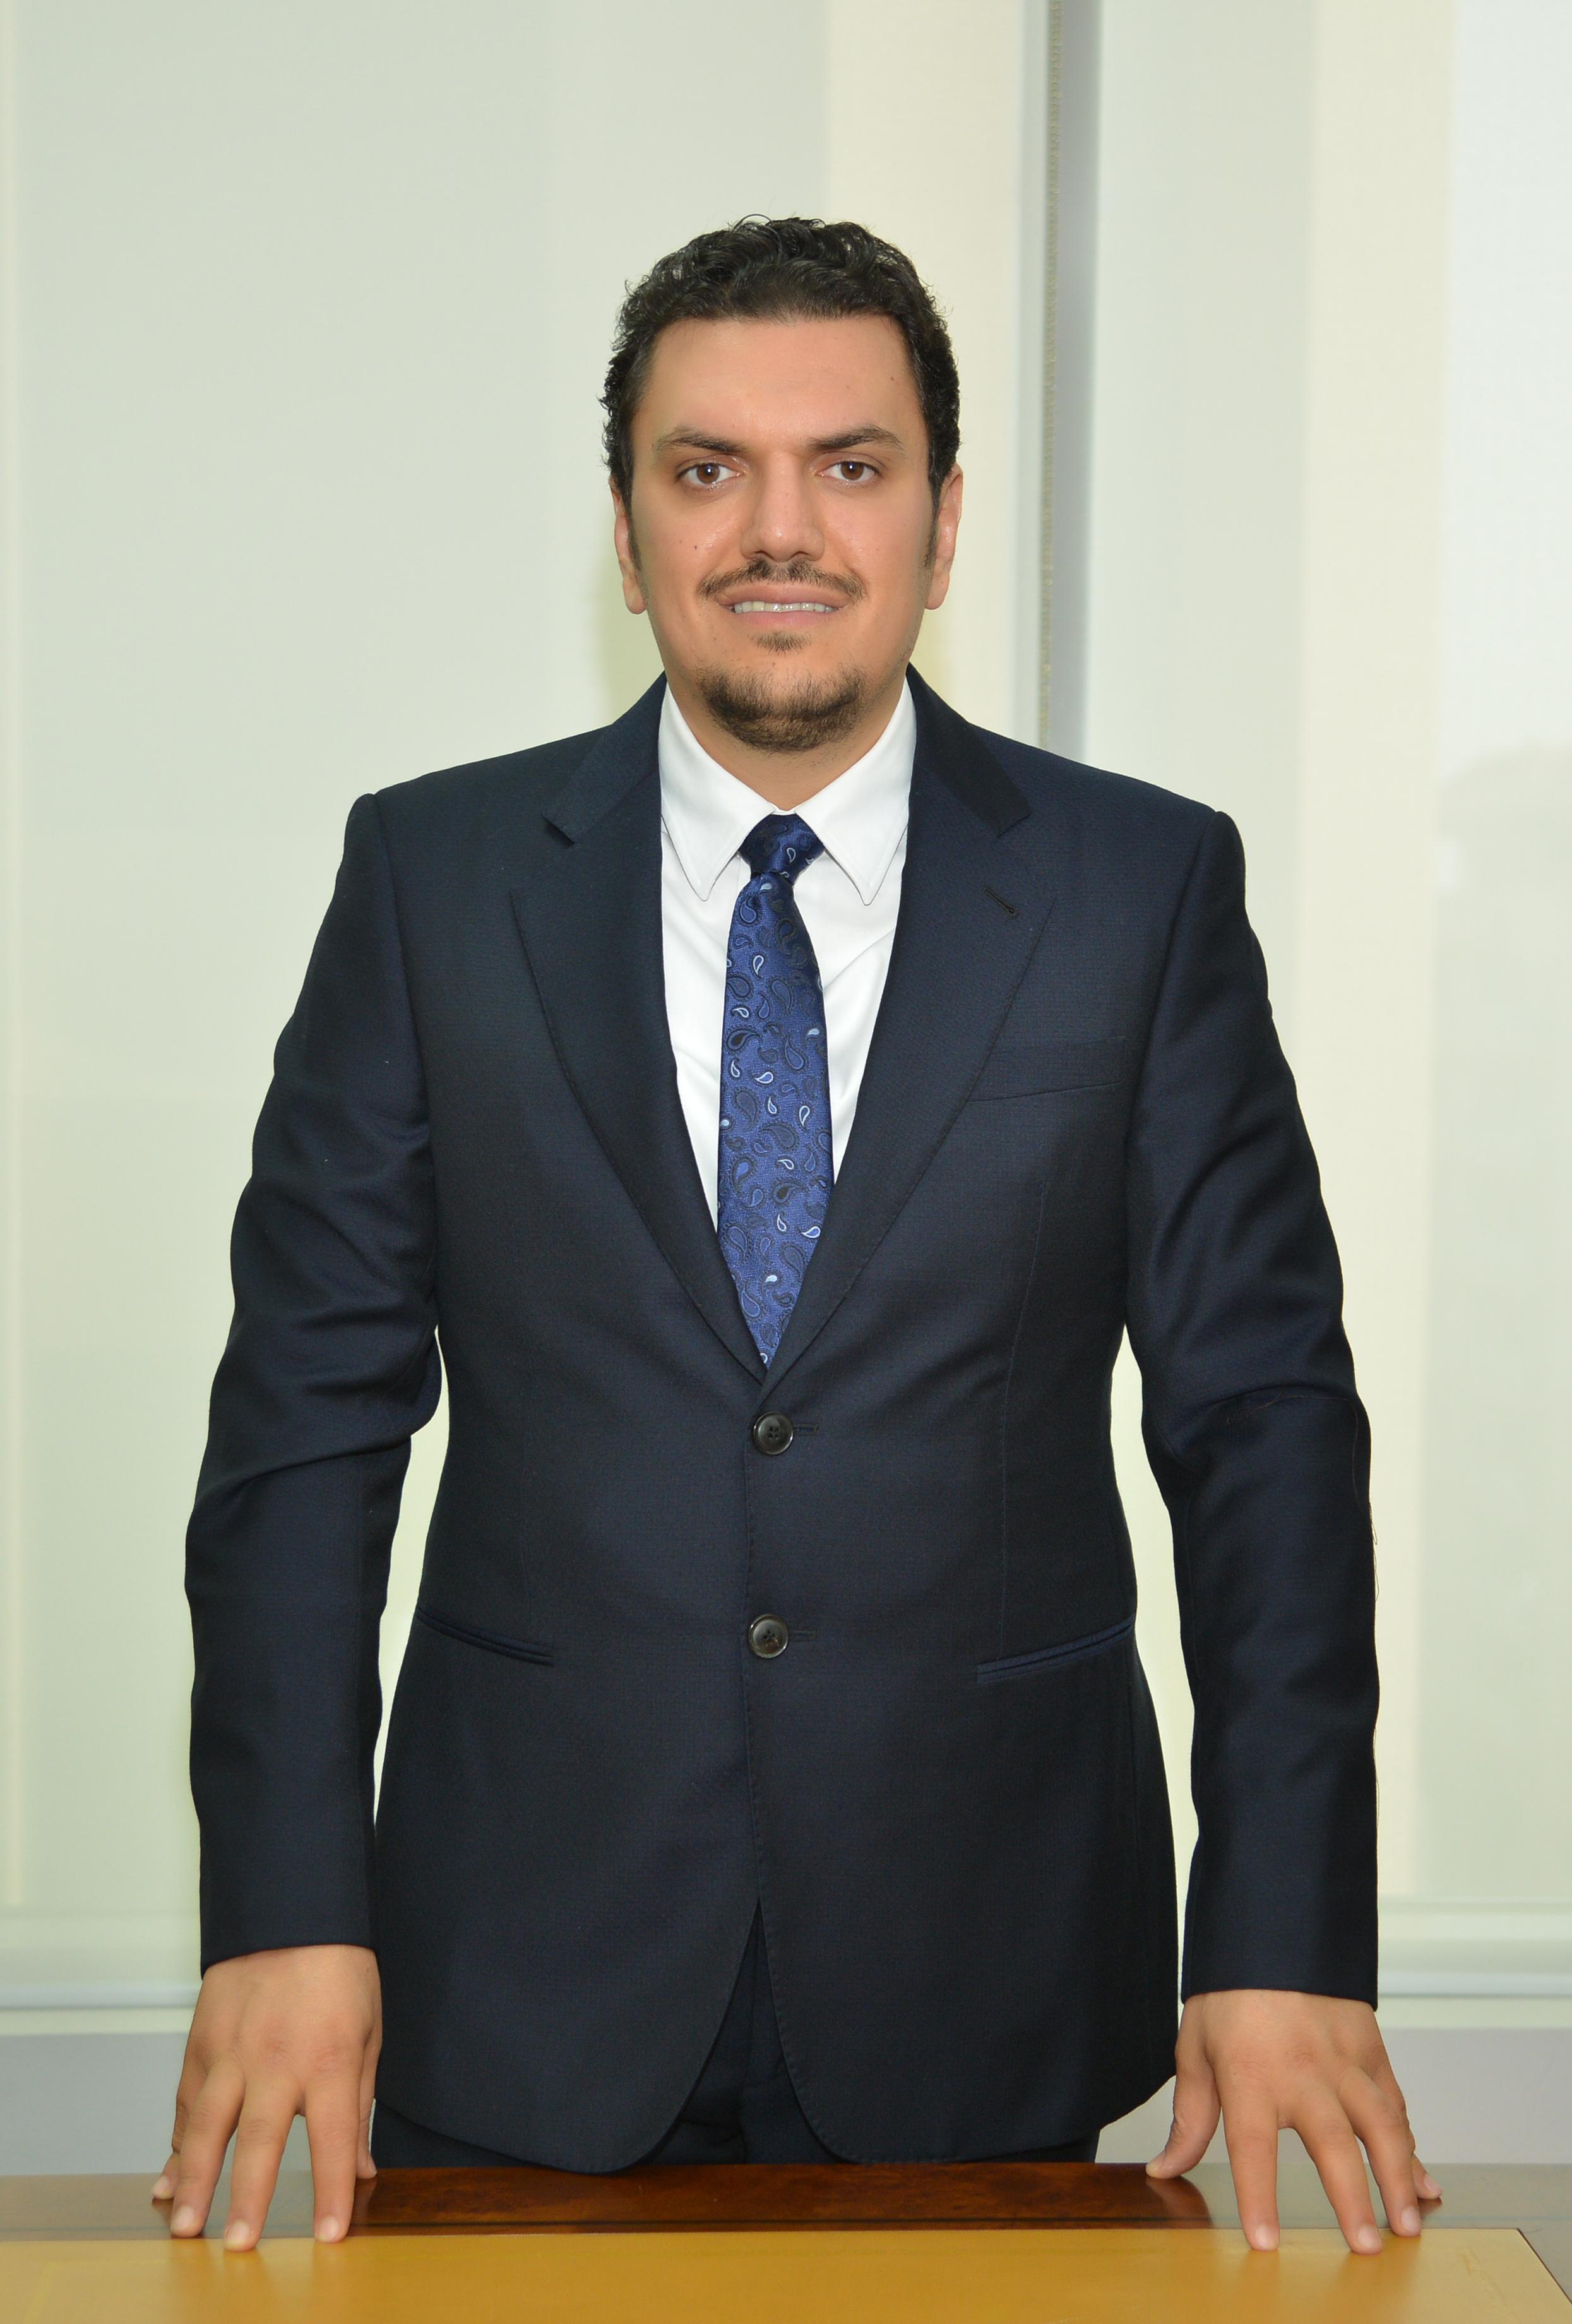 رجل الأعمال السوري معتز الخياط